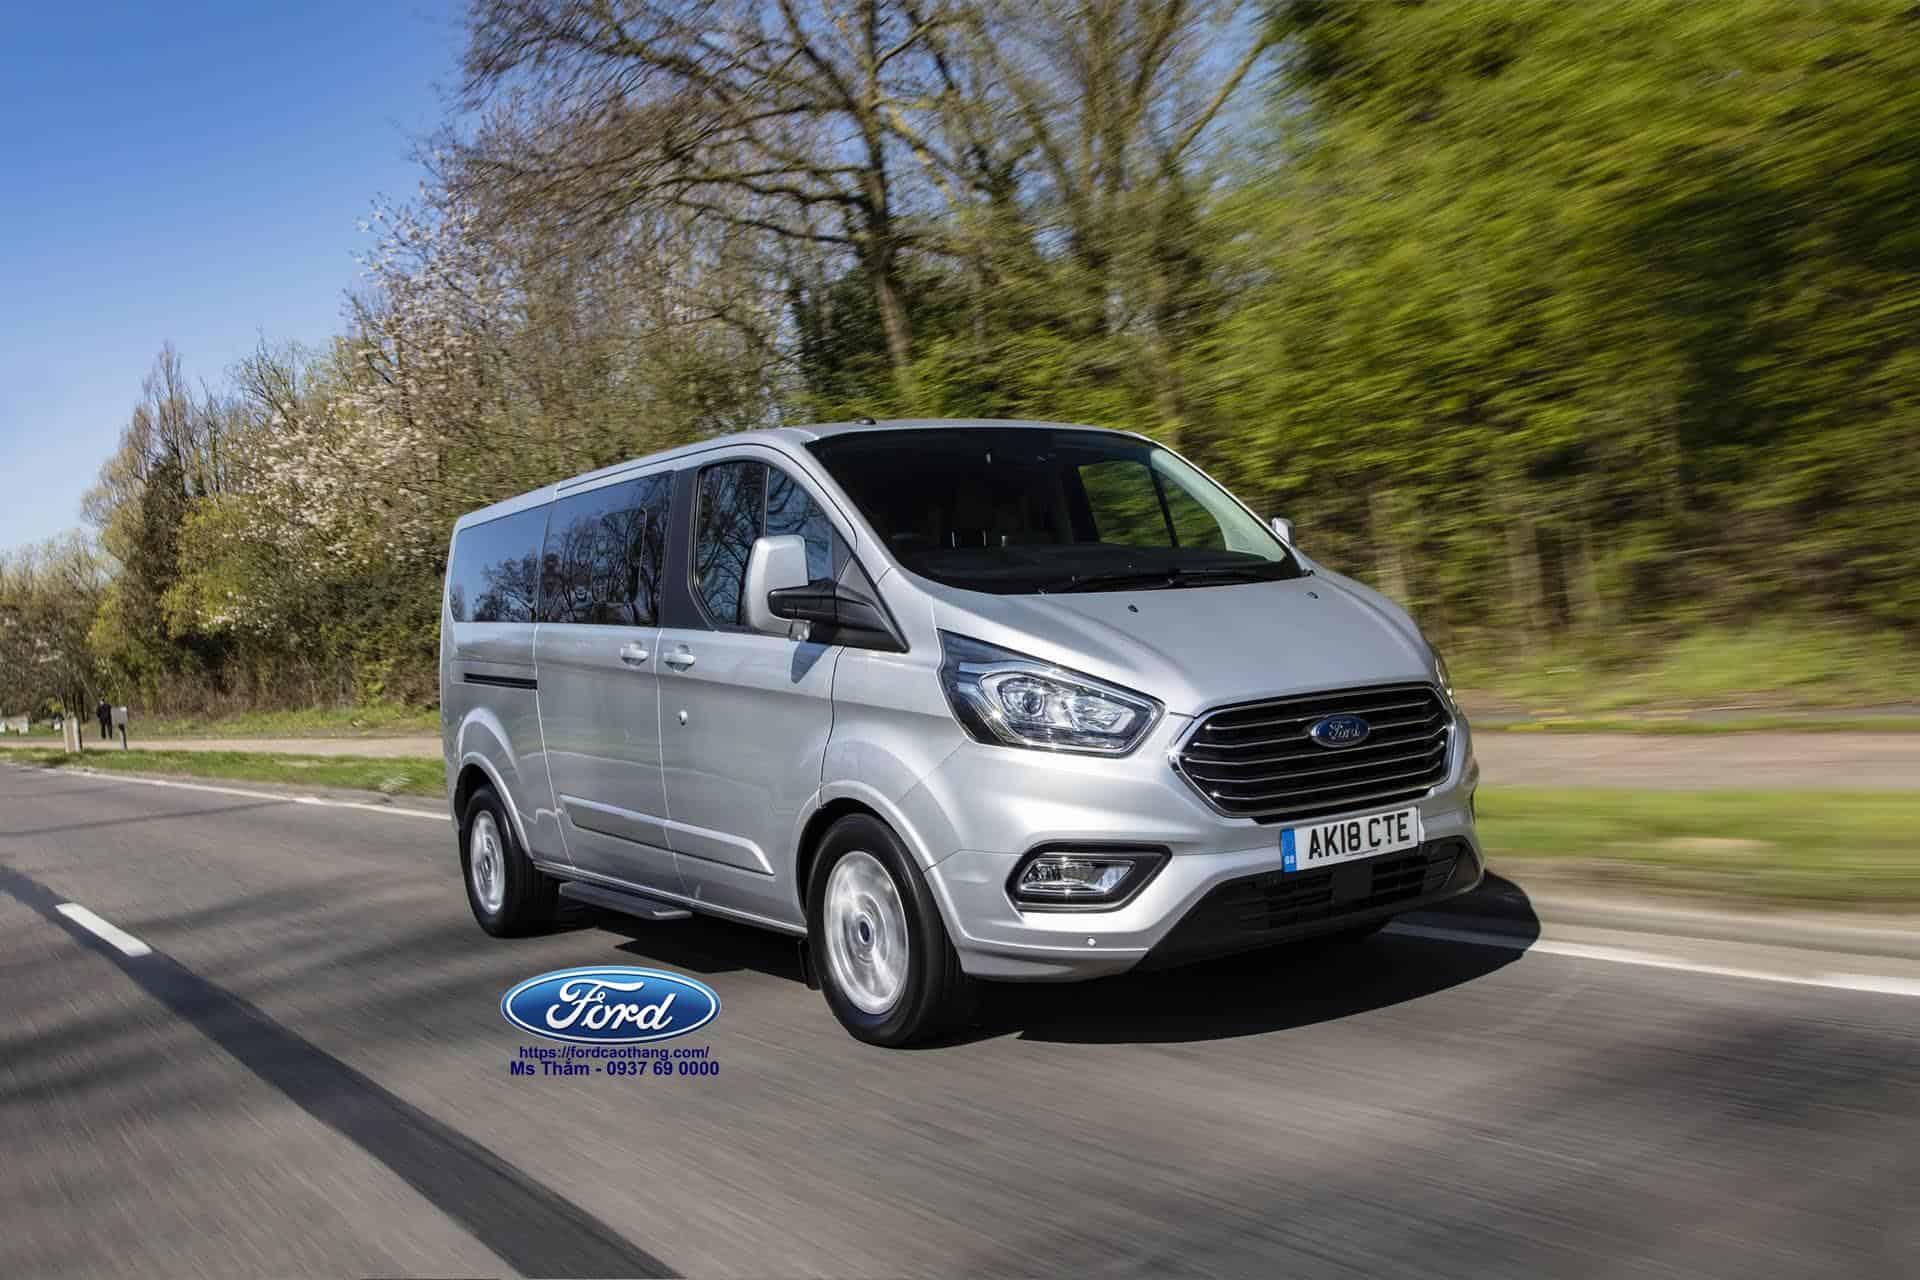 Ford Tueneo 2019